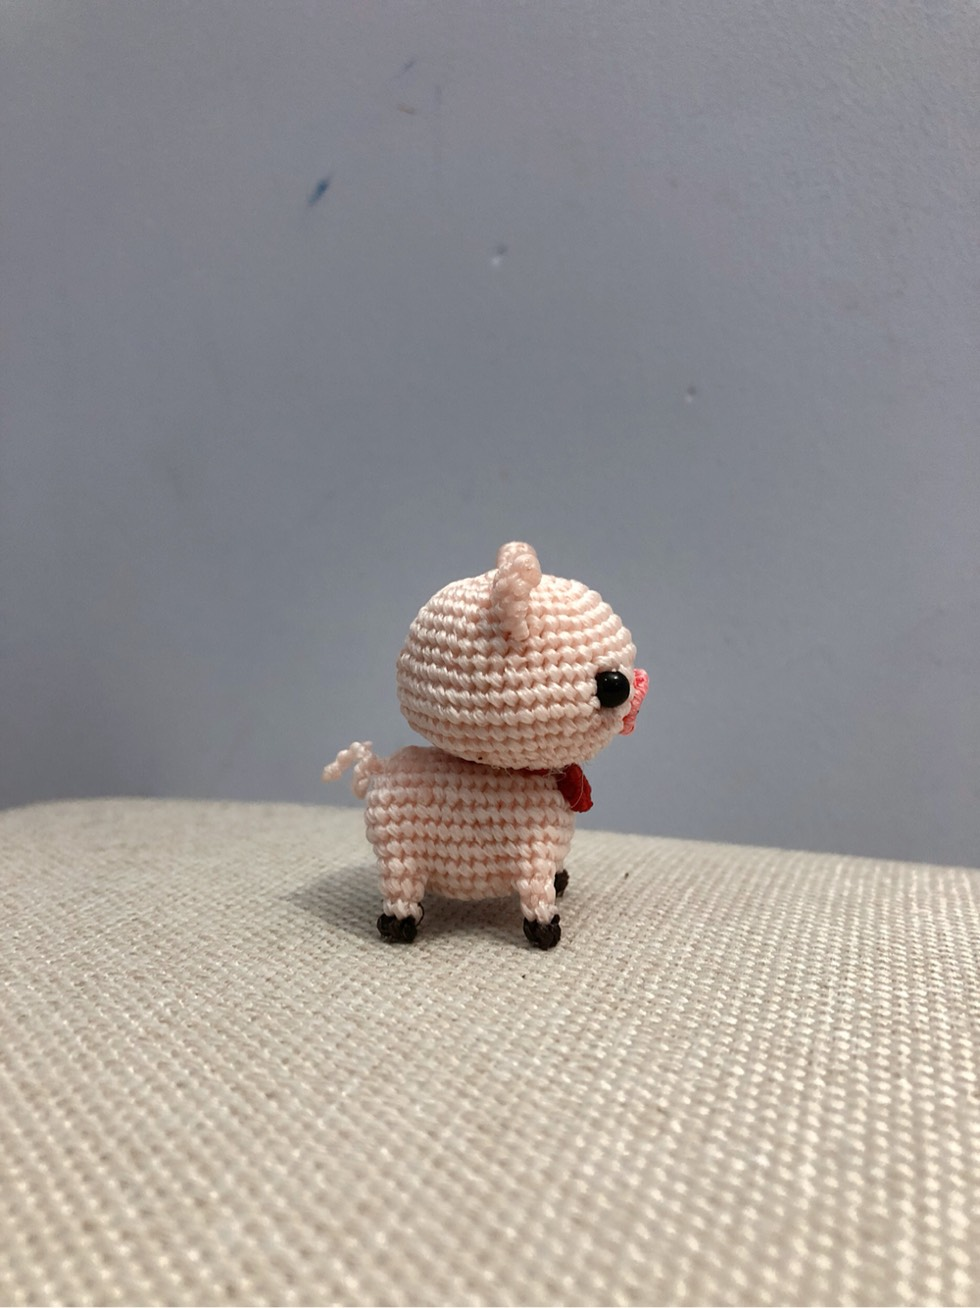 中国结论坛 十二生肖-小猪 小猪,斜卷结动物 作品展示 002839nixhz3h2x0j14fpb